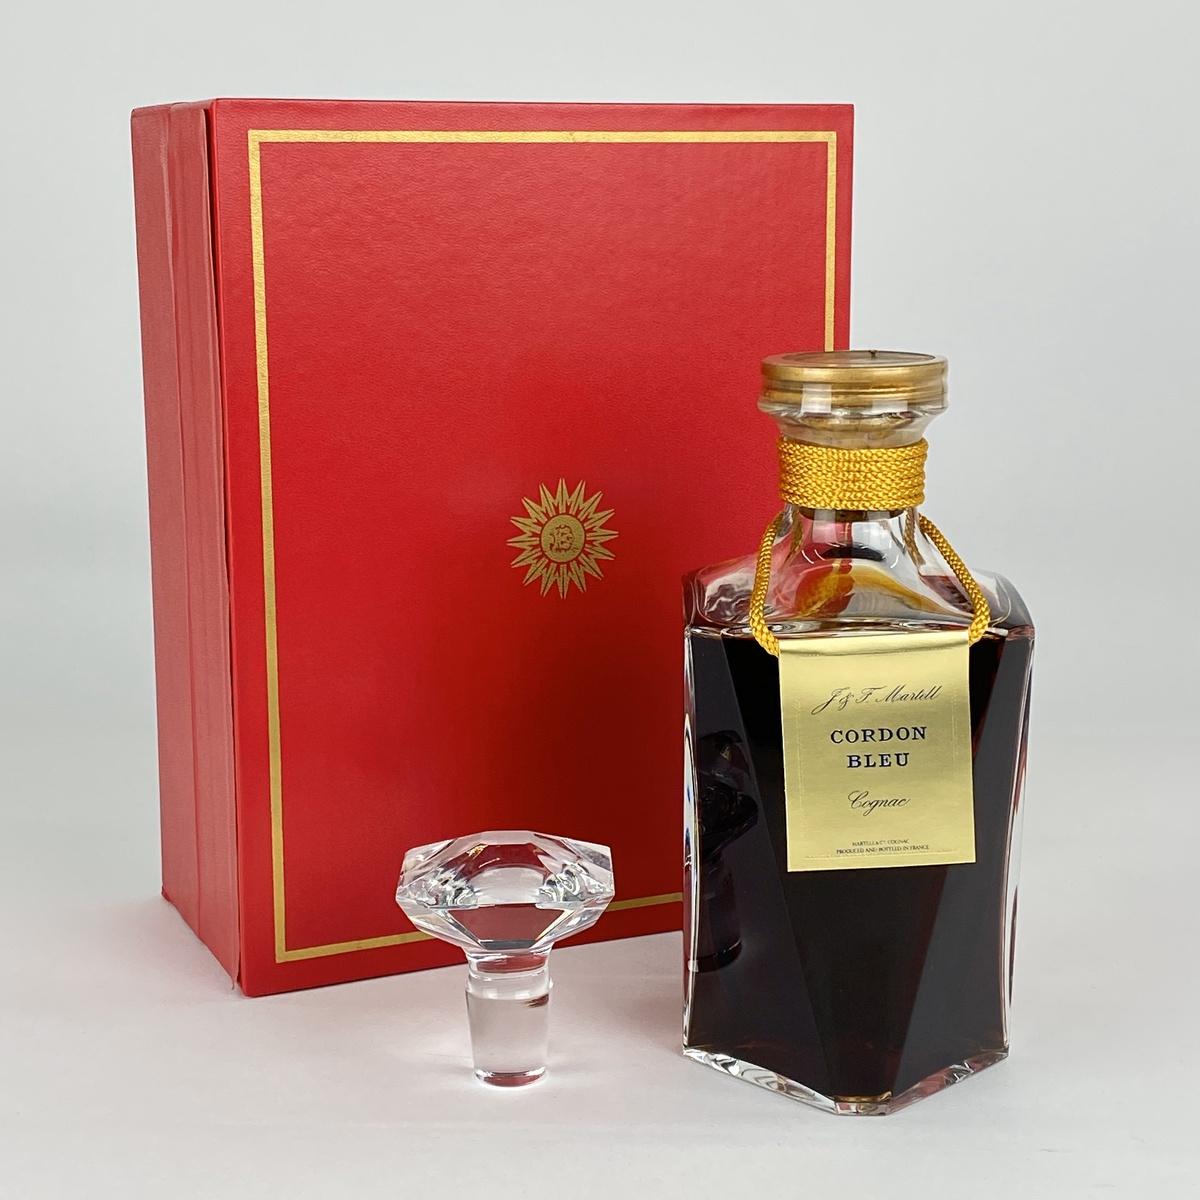 マーテル MARTELL コルドンブルー バカラ 700ml ブランデー コニャック 【古酒】